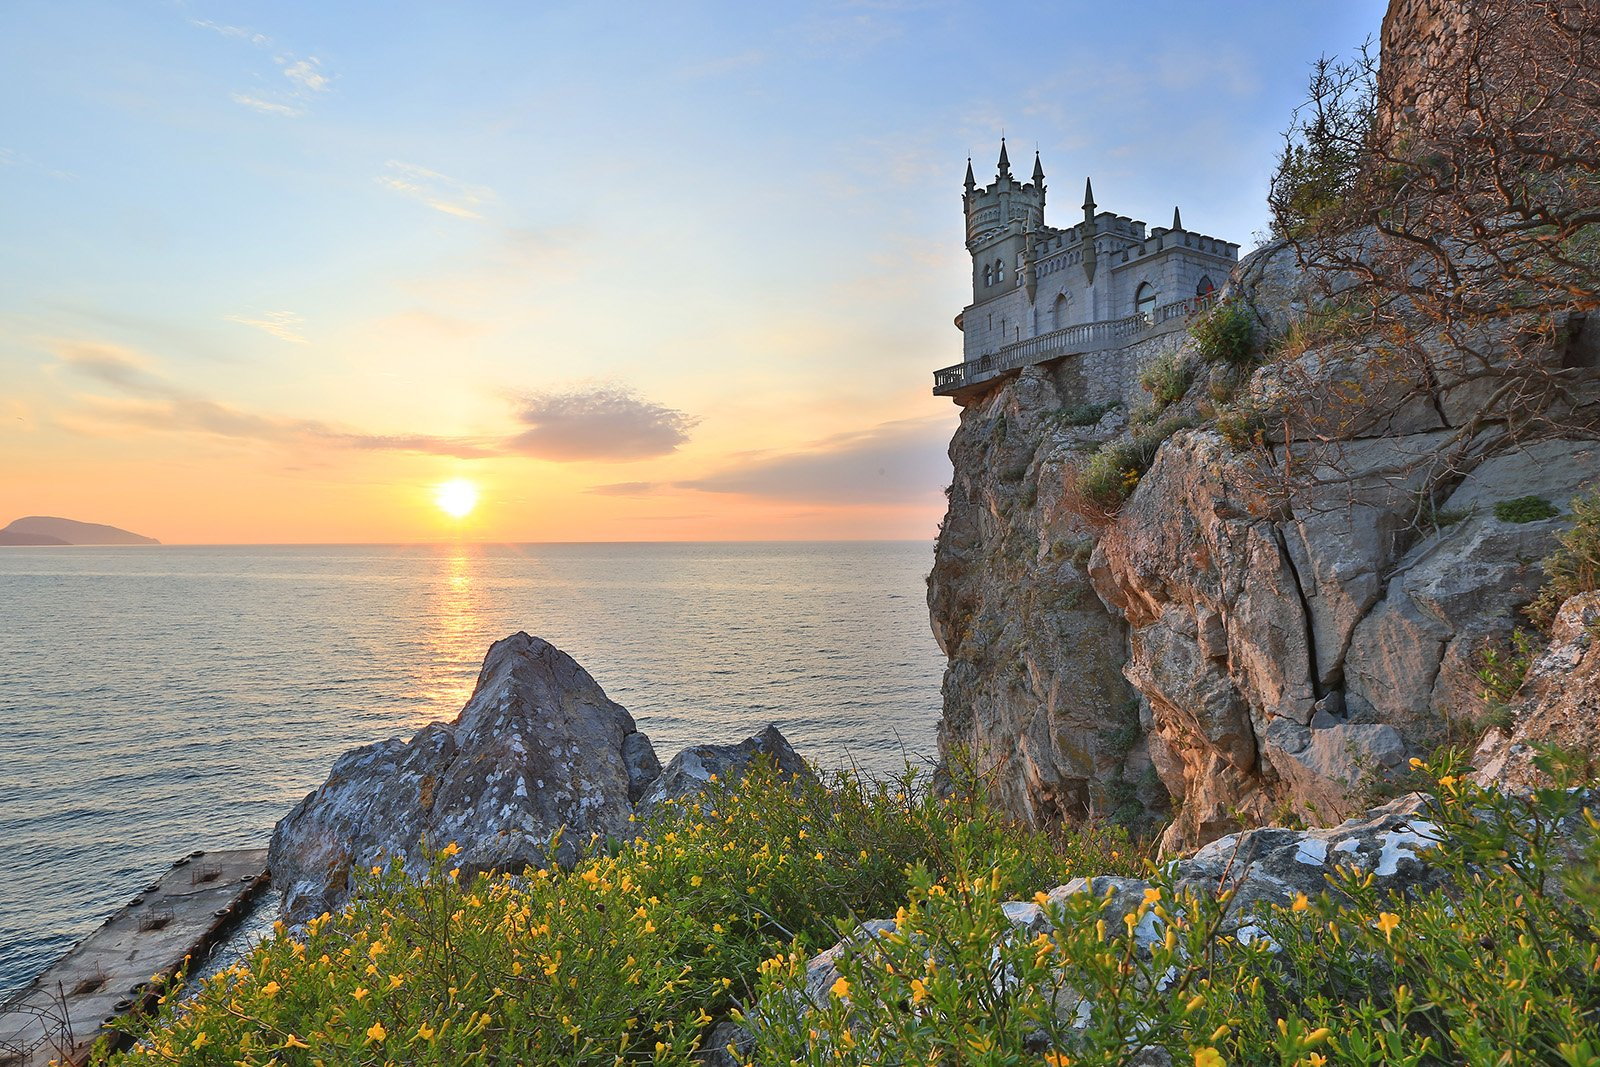 крым, ялта, ласточкино гнездо, море, пляж, волна, пейзажи крыма, замок ласточкино гнездо, Сергей Титов